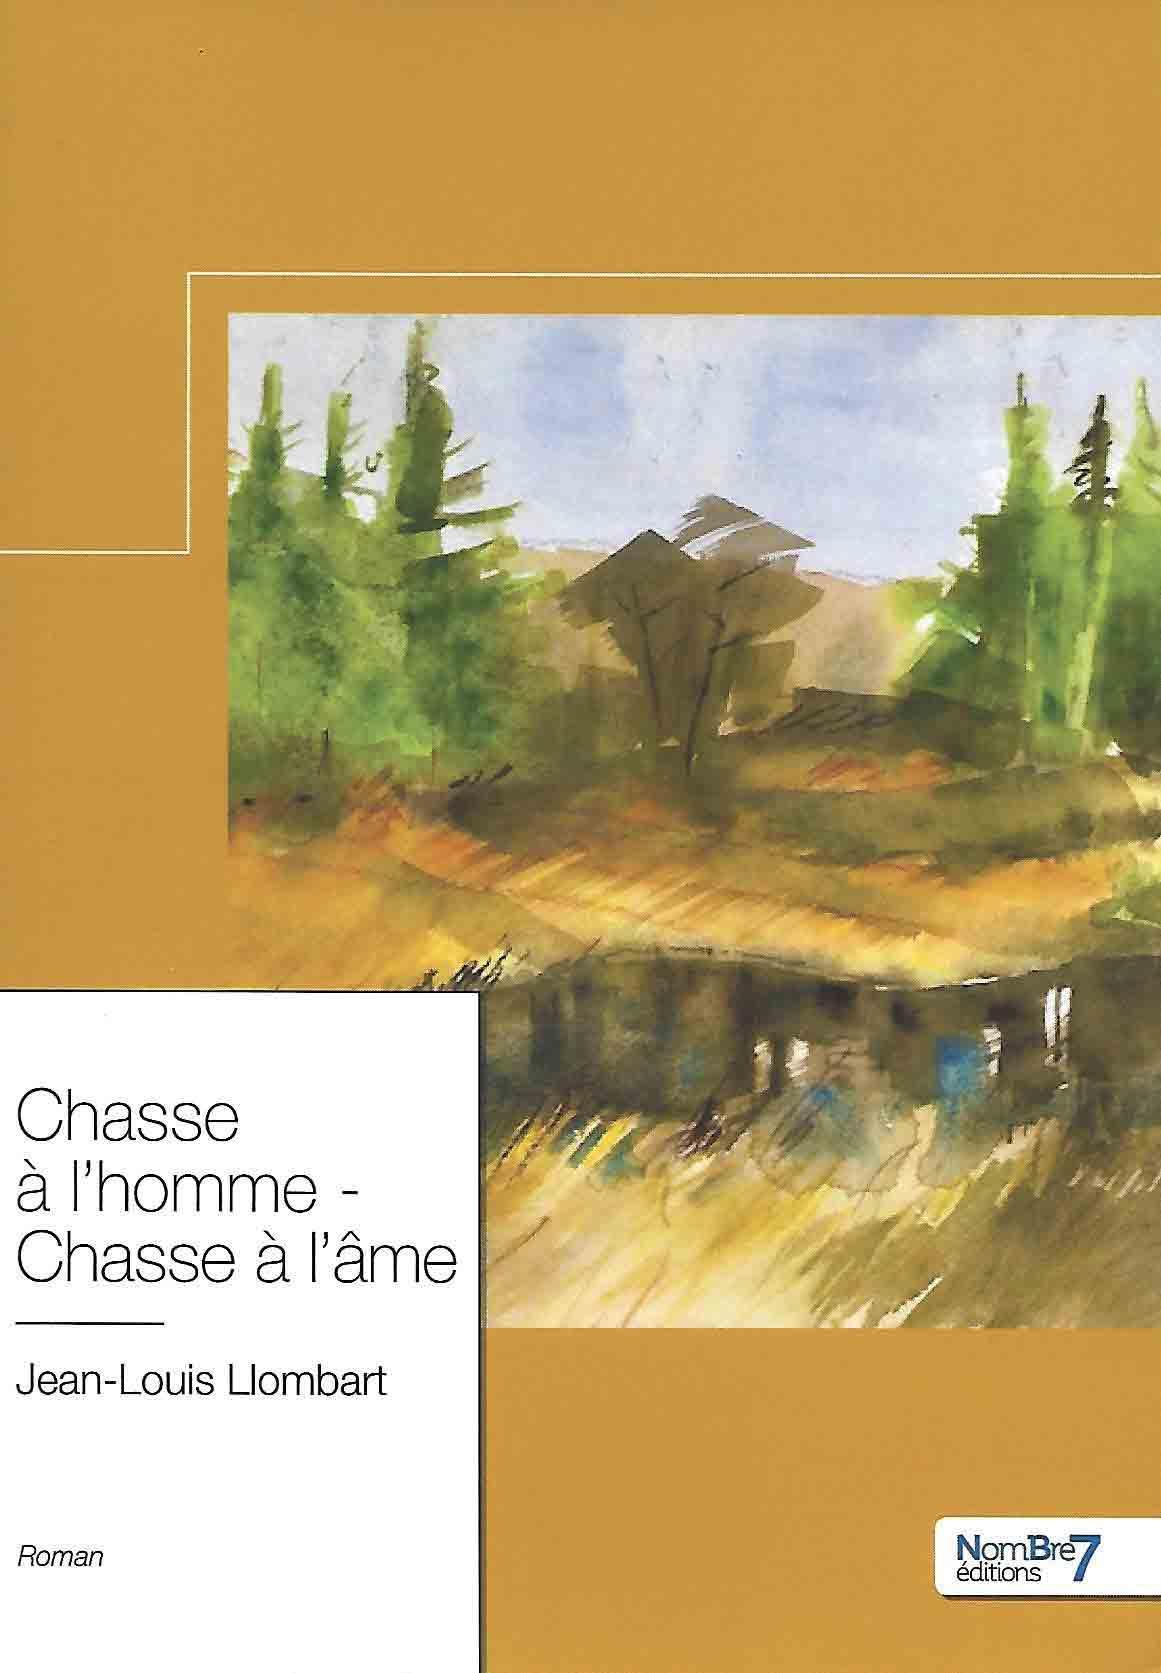 Chasse à l'homme - chasse à l'âme de Jean-Louis Llombart